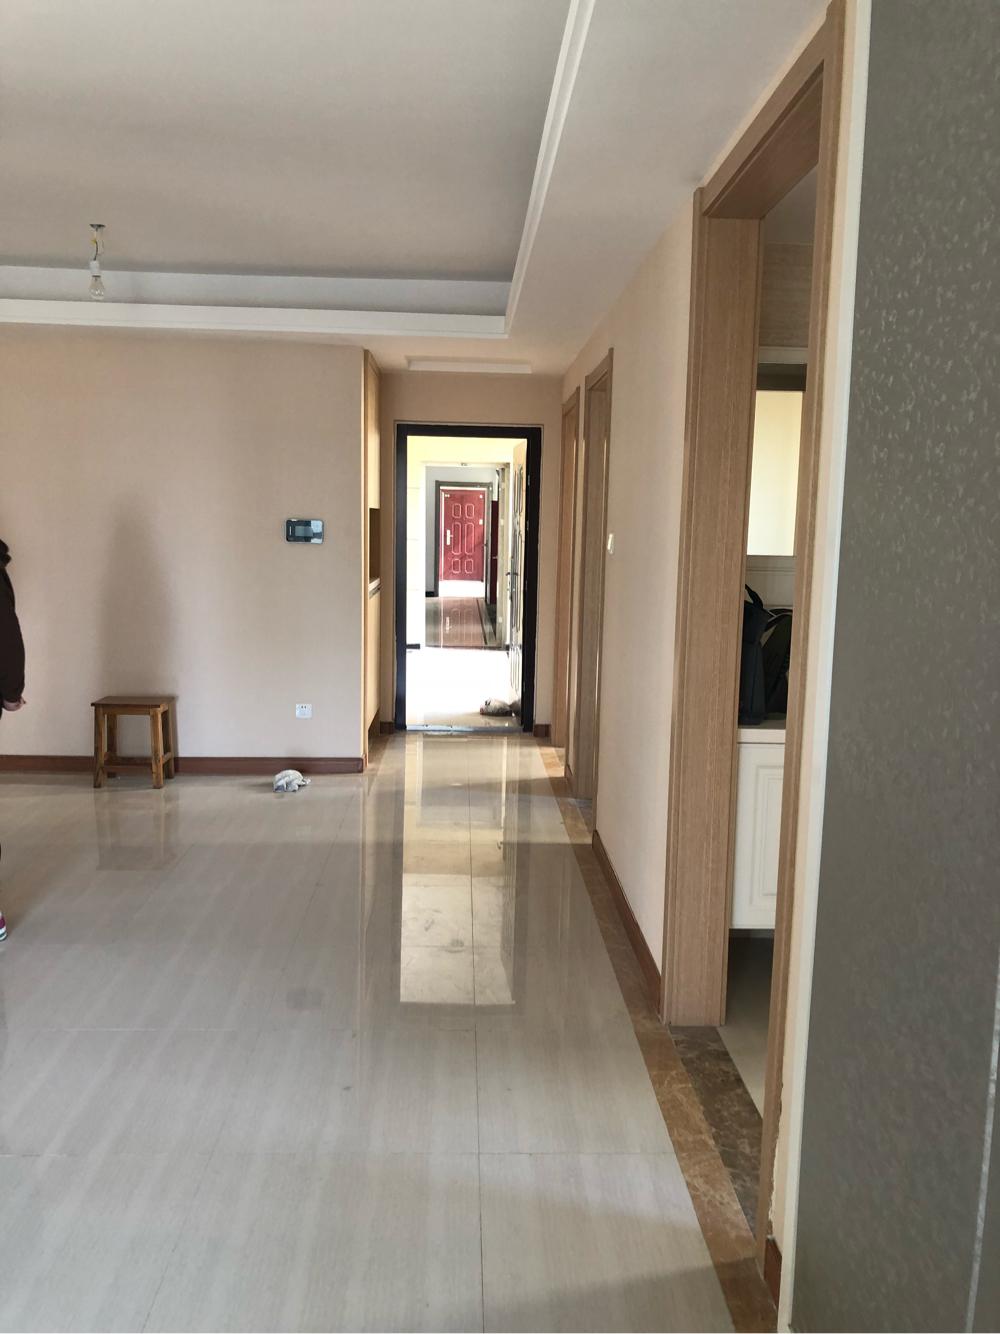 淮河新城五期新房出租房东不愿意租给住家的 想租给开公司作办公室用的 _3